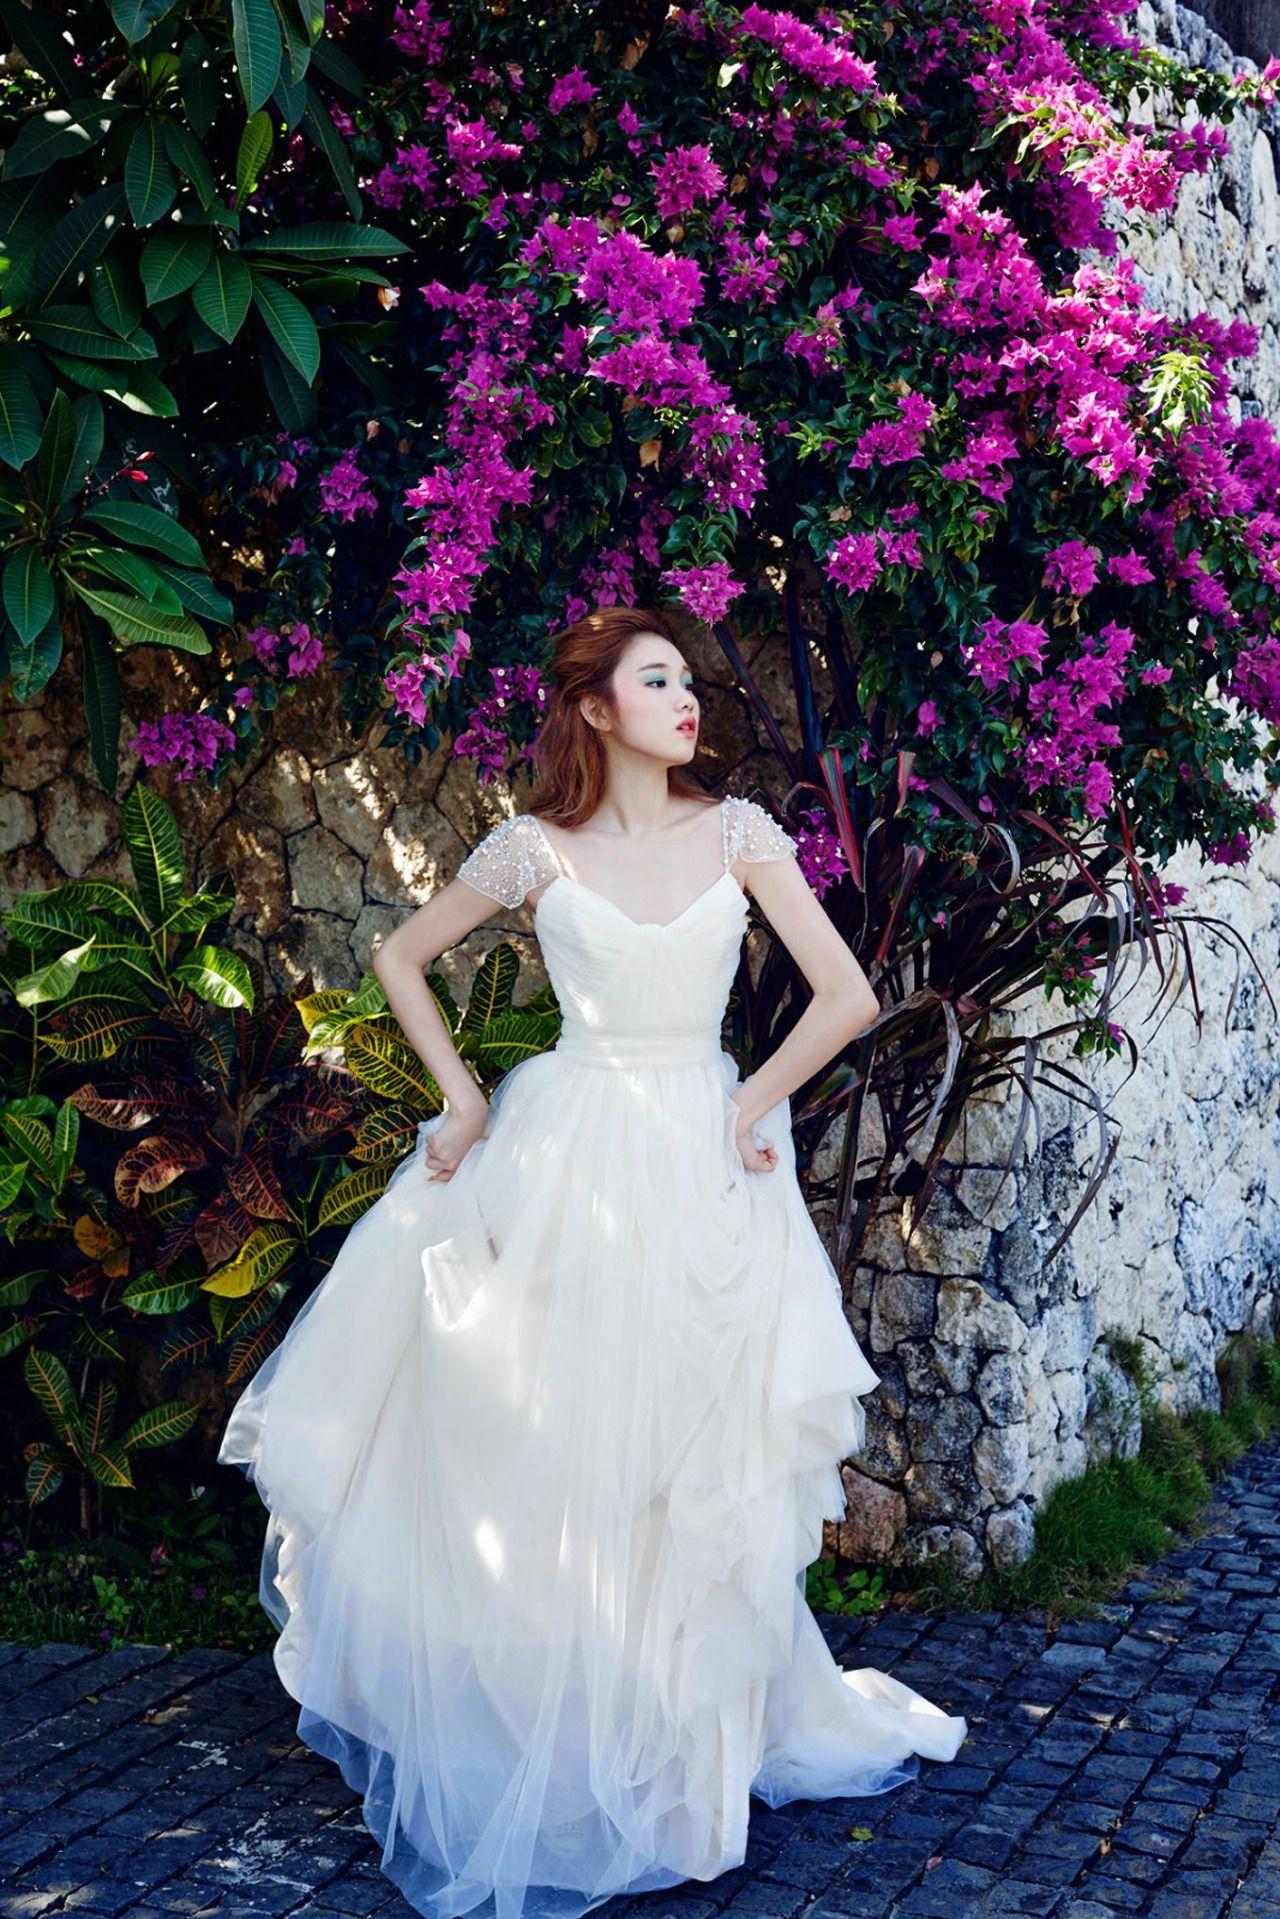 wedding magazines Lee Sung Kyung Singles Wedding Magazine February Issue 15